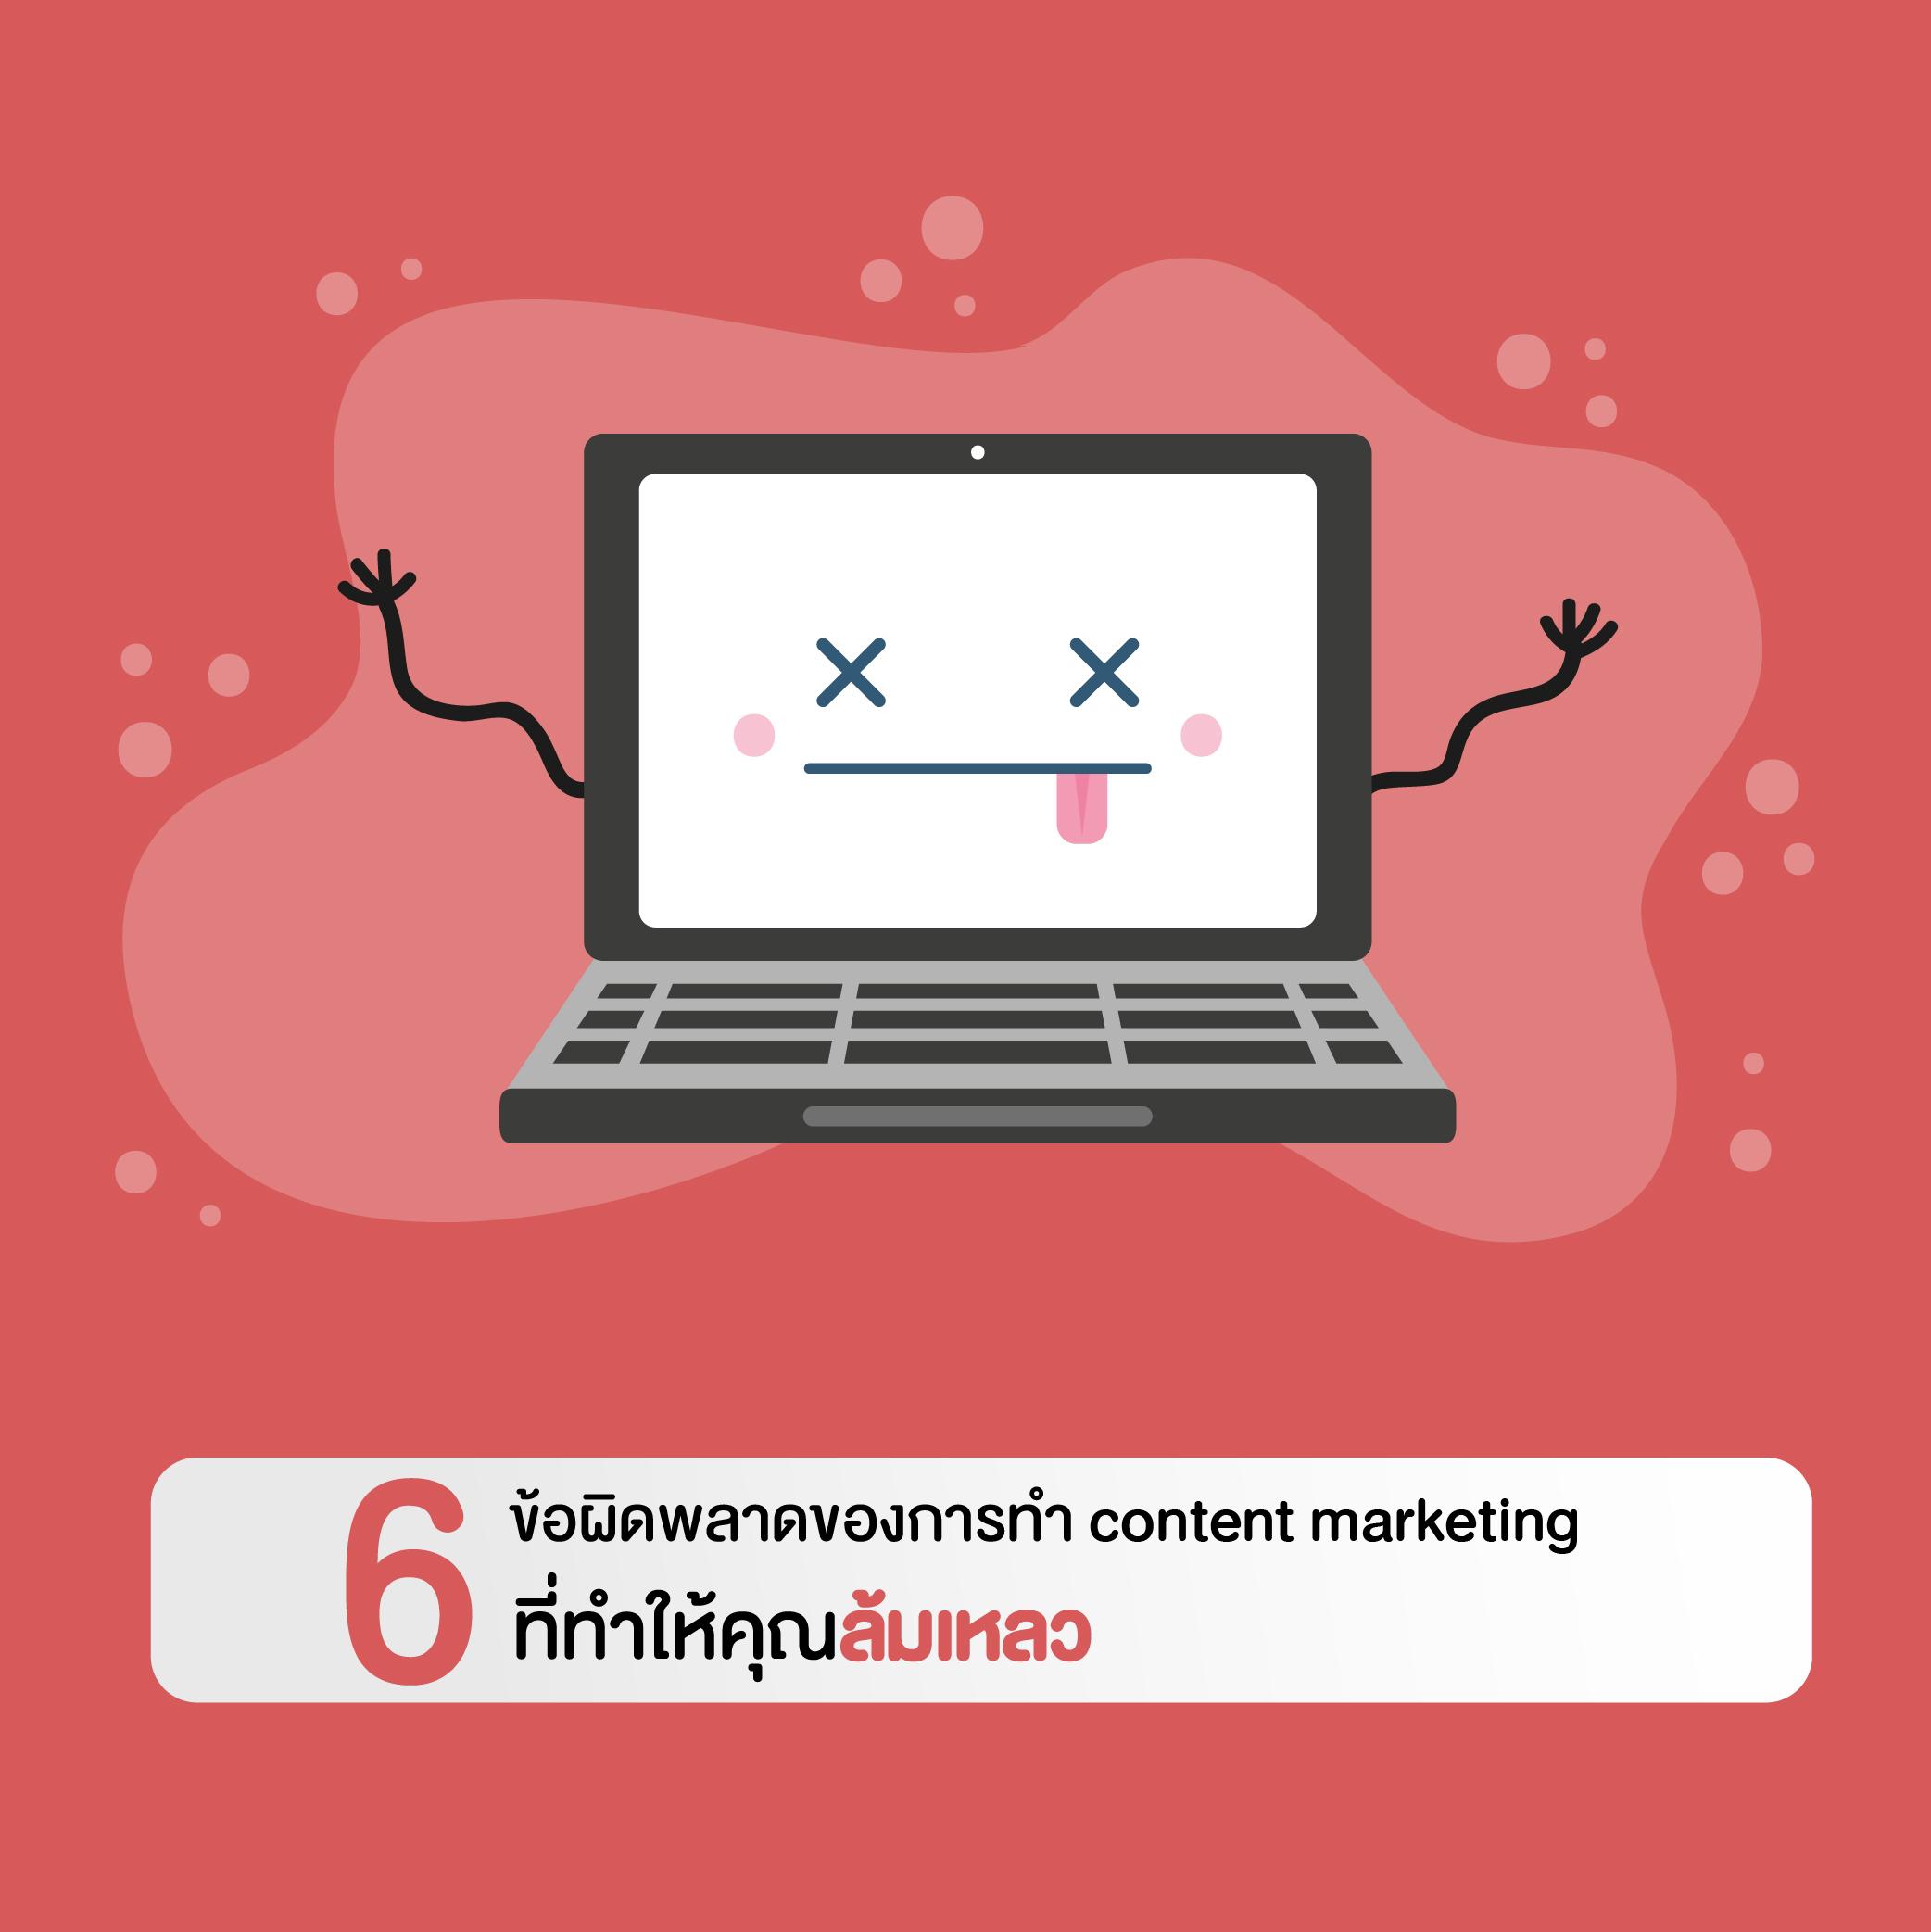 6 ข้อผิดพลาดของการทำ Content marketing ที่ทำให้คุณล้มเหลว